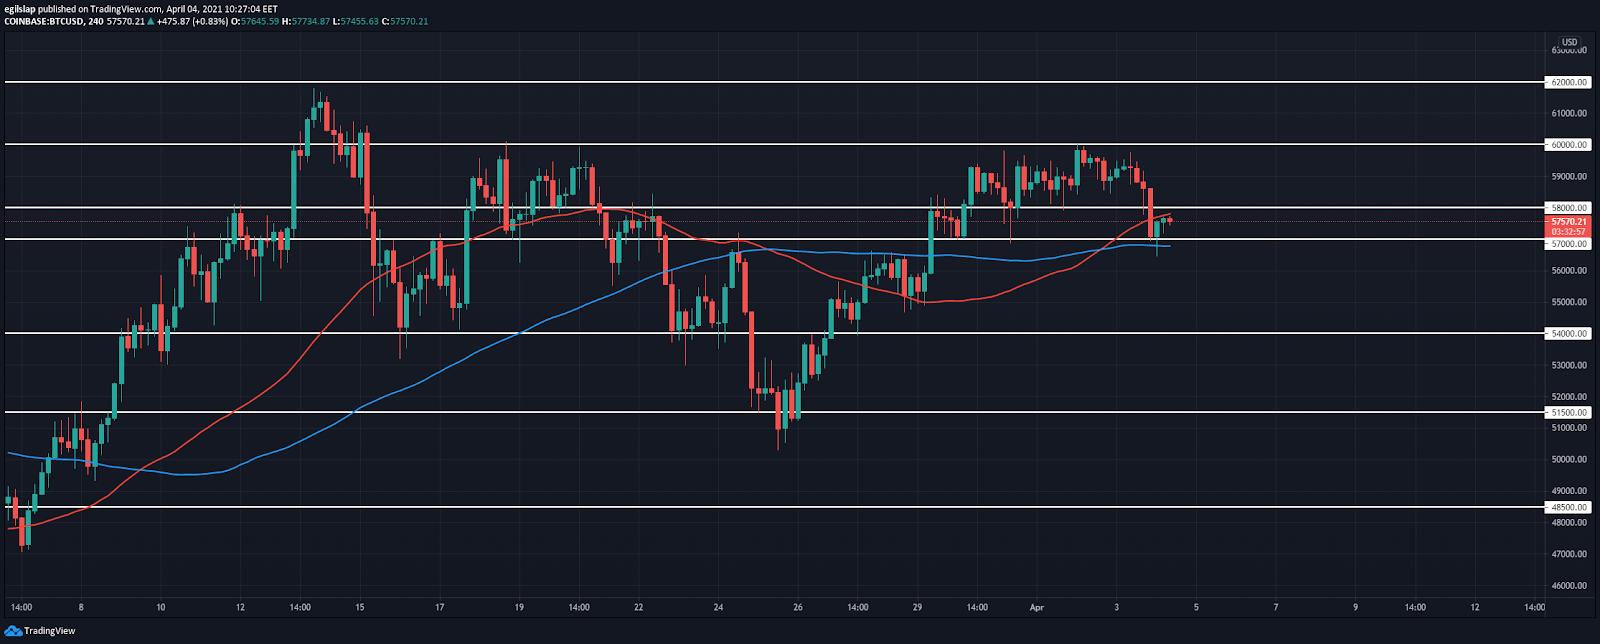 Bitcoin price prediction: Bitcoin rejects $60,000 again, retraces to $57,000